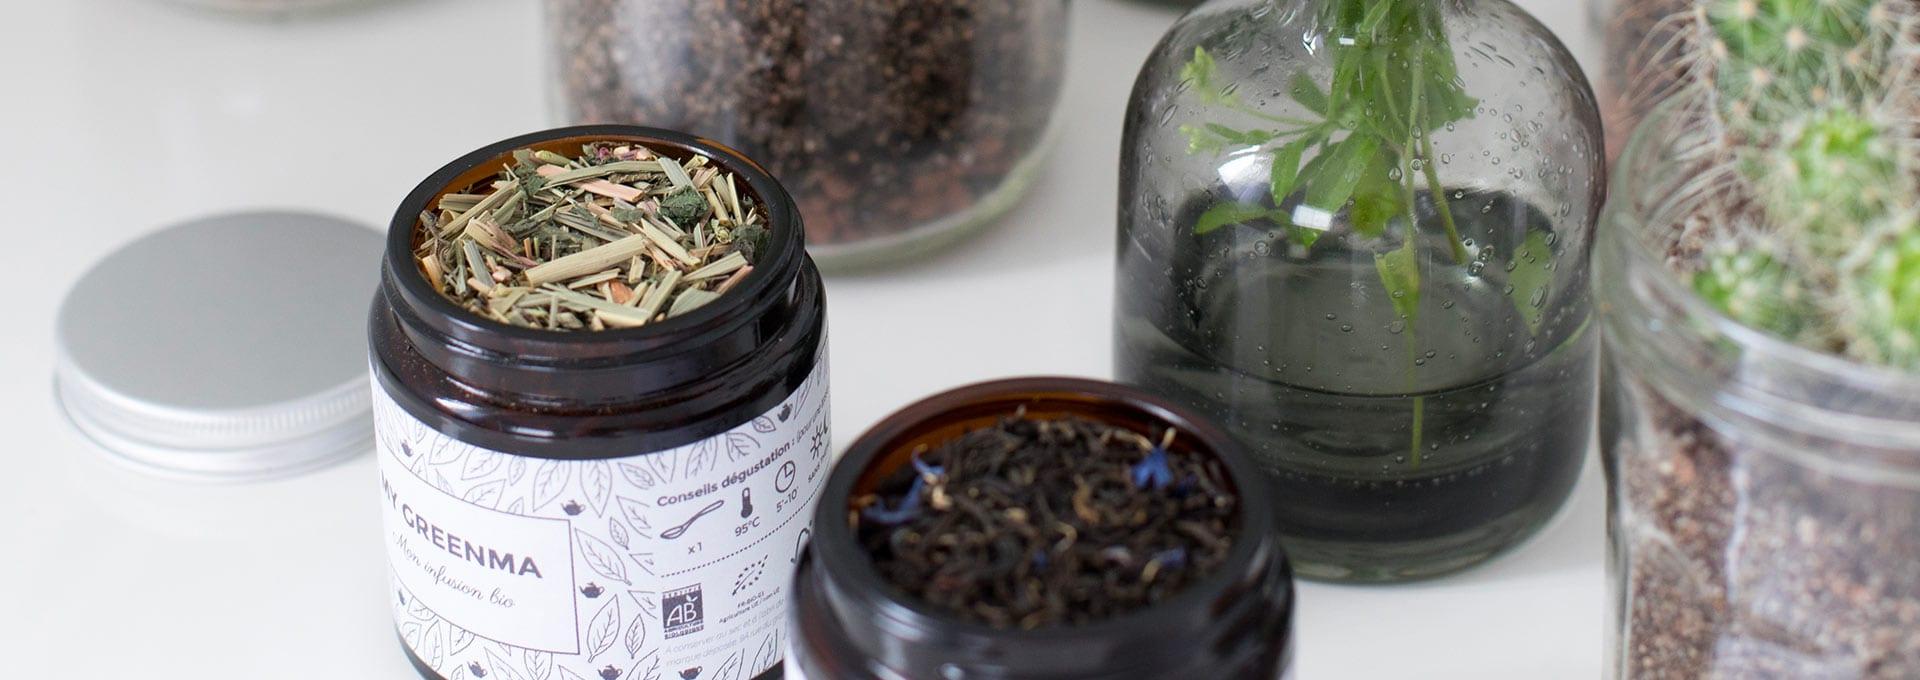 GreenMa - tea